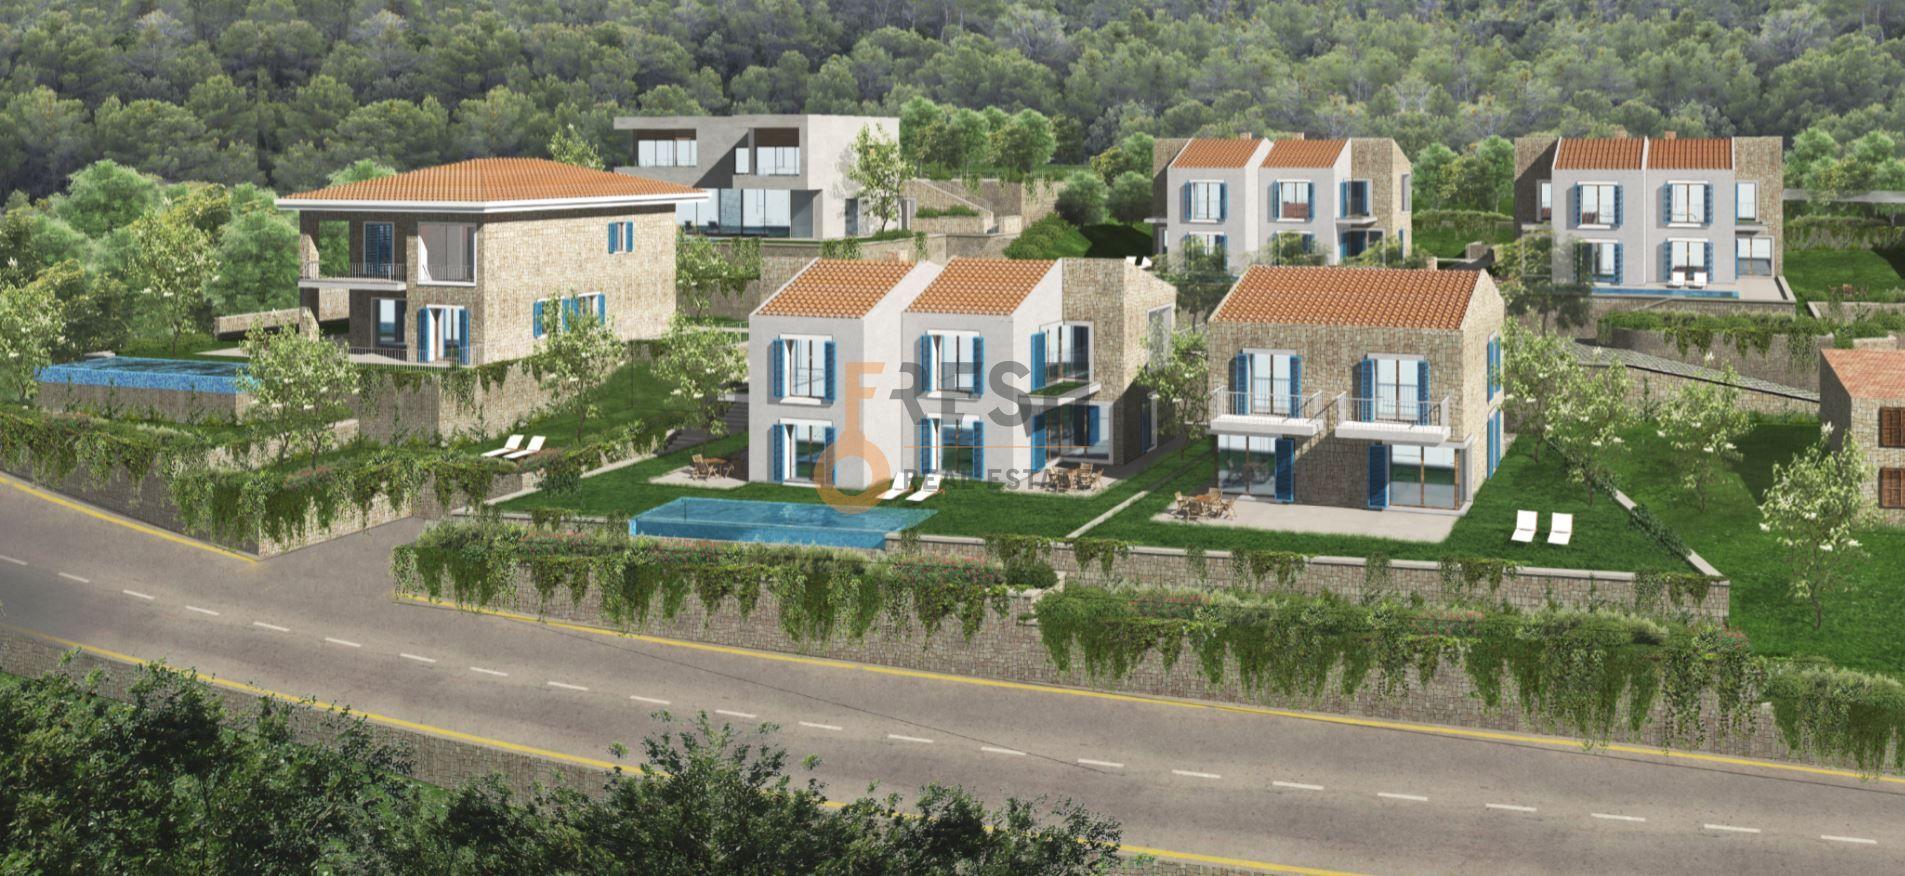 Reževići, urbanizovano zemljište za 4 vile, 3157m2,  ispod cijene! - 9